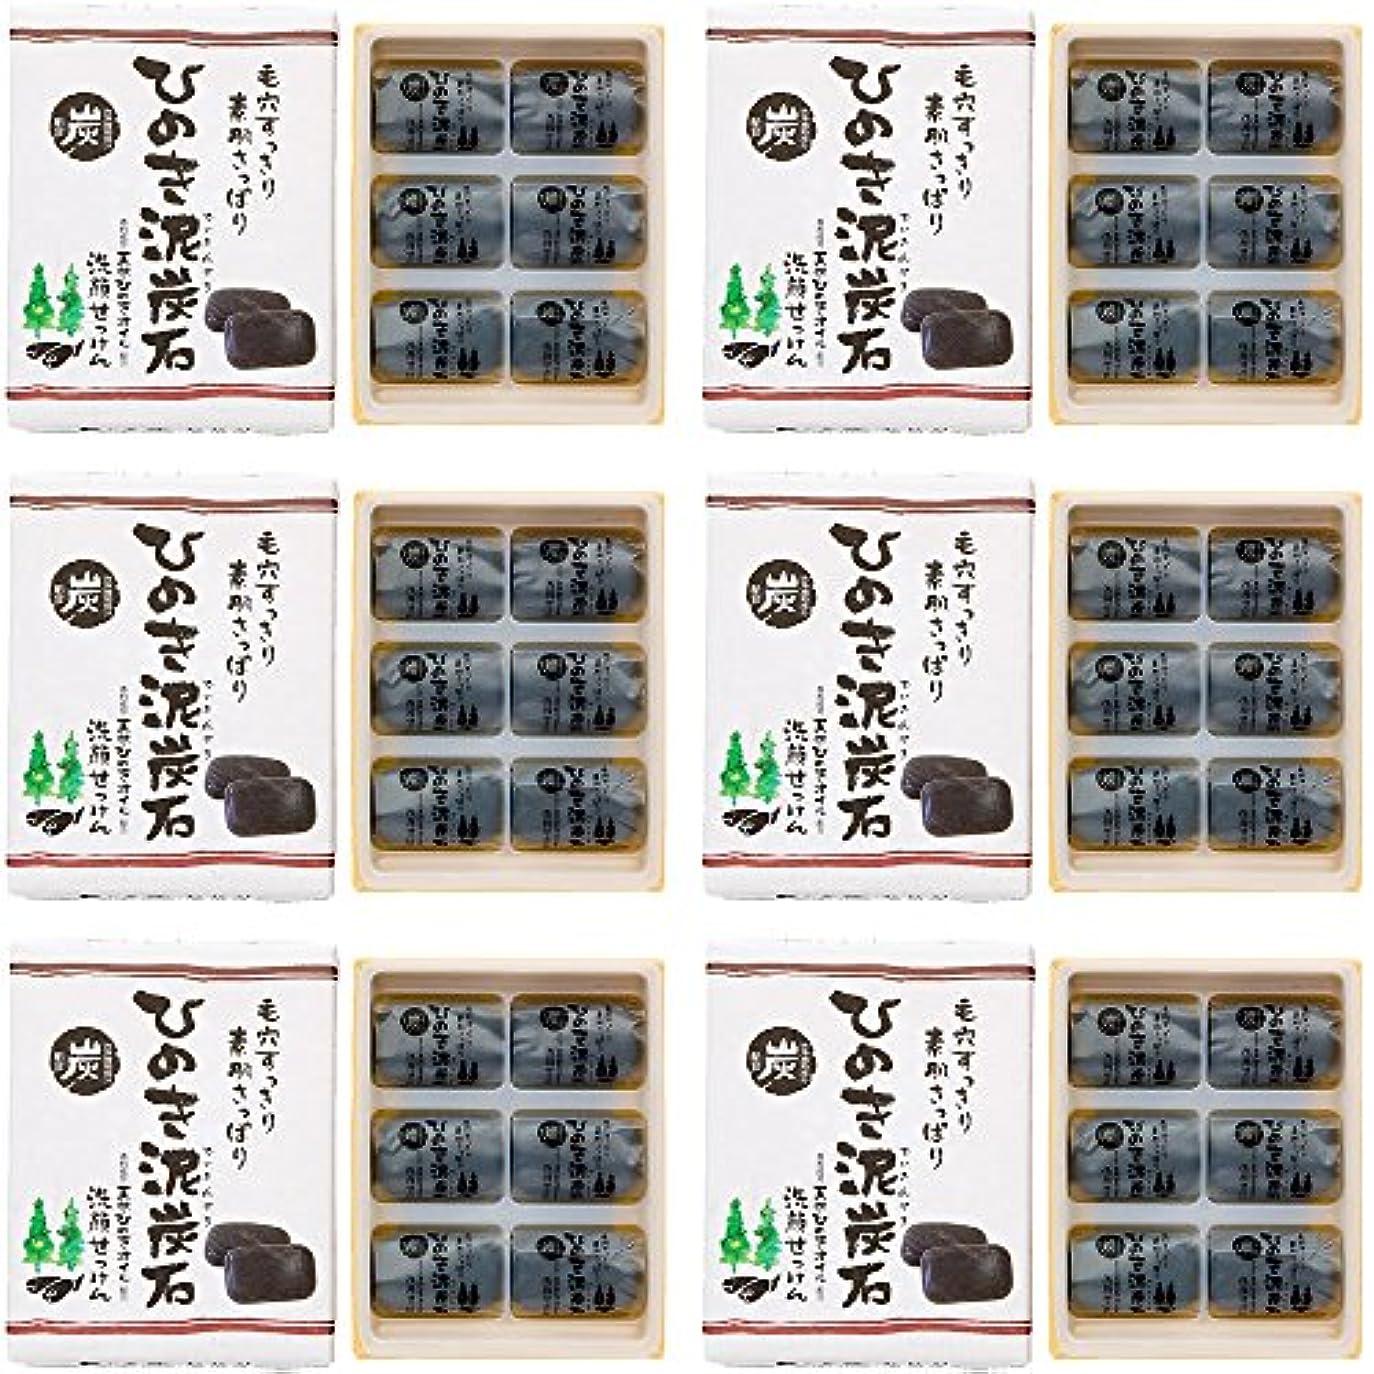 ひのき泥炭石 洗顔せっけん すっきりタイプ (30g×6個×6セット) 石けん [天然ひのきオイル配合]